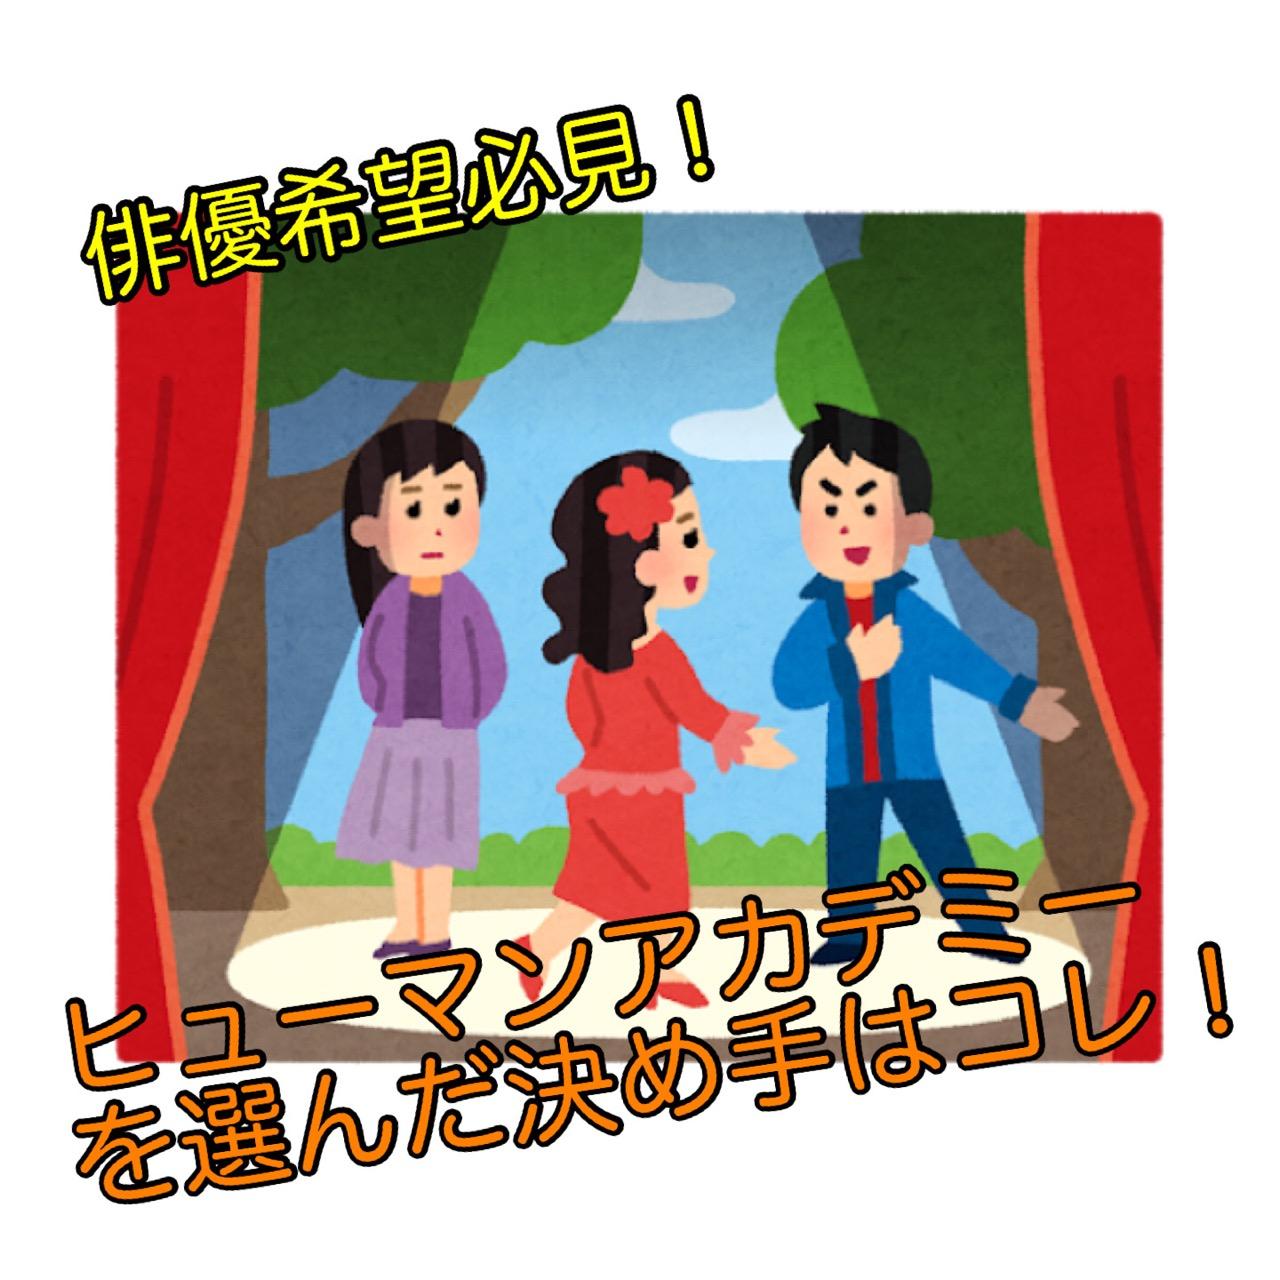 【受講生インタビュー】俳優希望!ヒューマンの夜間を選んだ決め手はコレ!